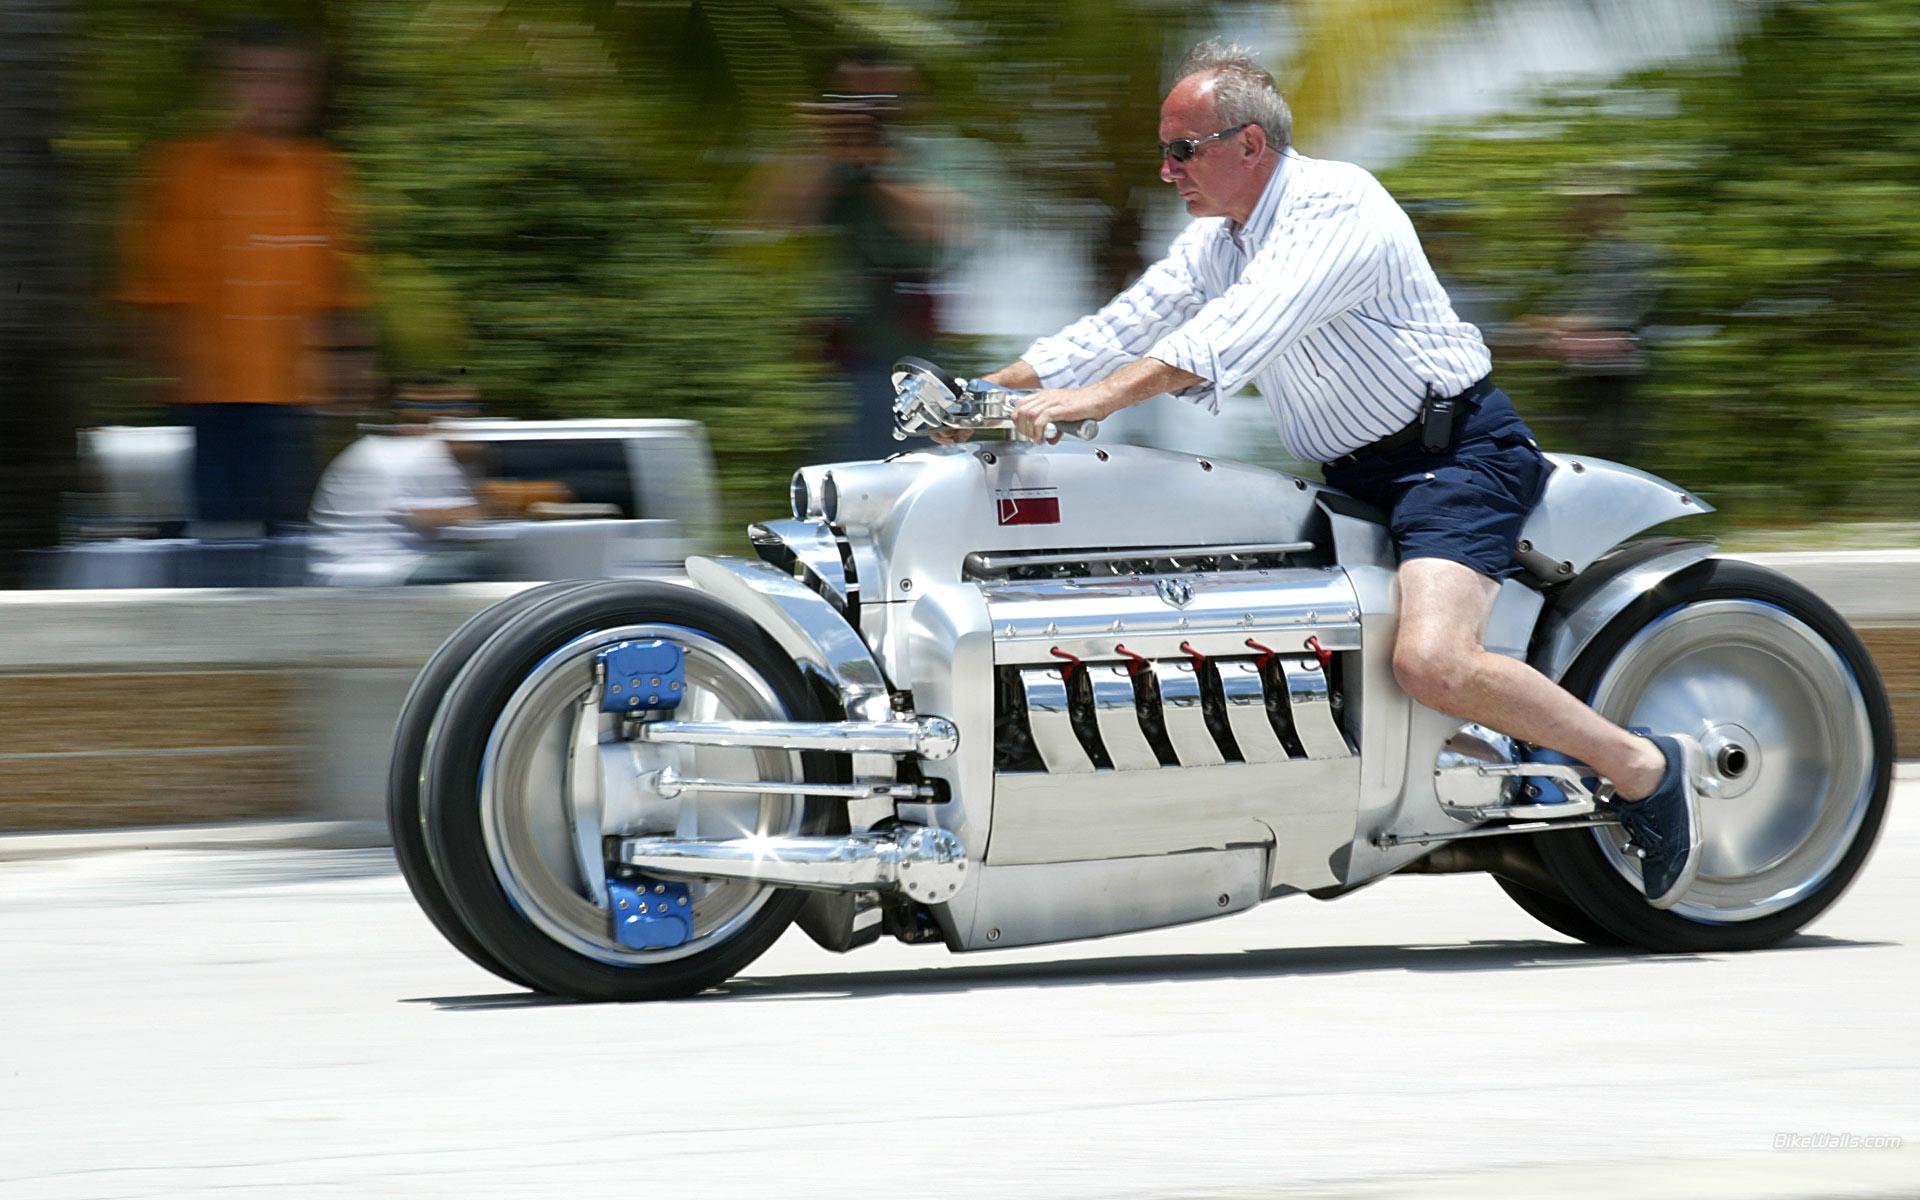 Самые крутые мотоциклы - Dodge Tomahawk